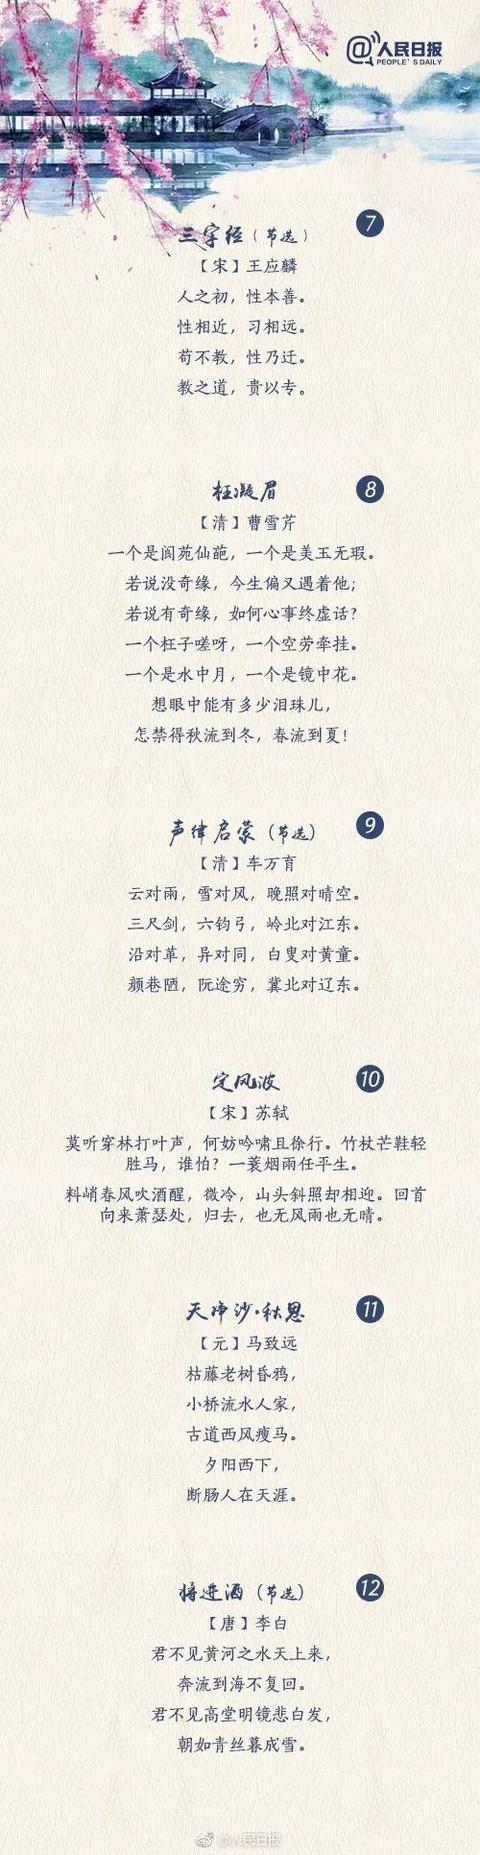 人民日报推荐:50首经典古诗文名句 精美图片版,可打印图片 No.3